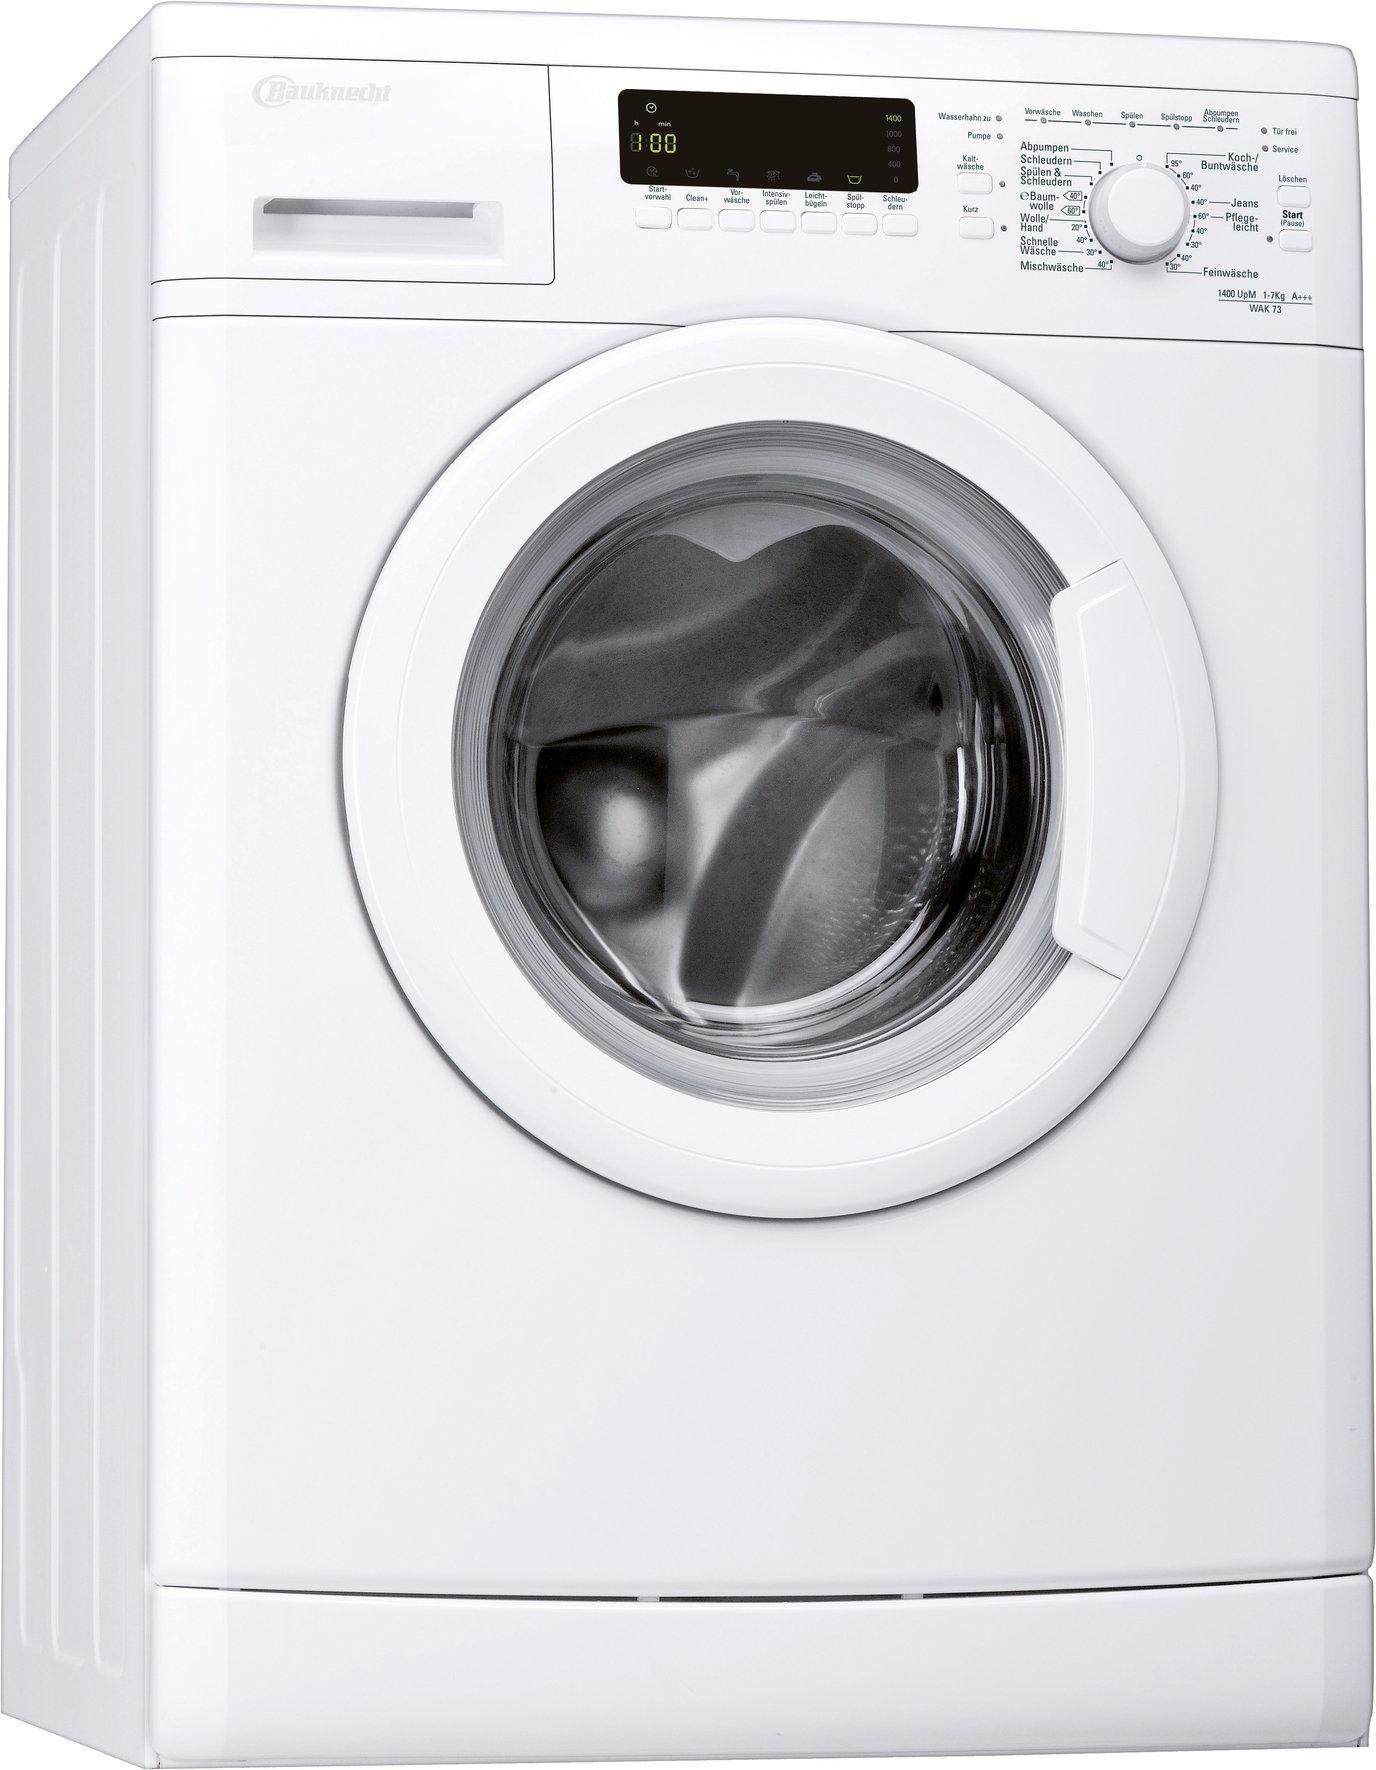 Bauknecht-WAK-73-Waschmaschine-FLA-171-kWhJahr-1400-UpM-7-kg-9900-LJahrMengenautomatikUnterbaufhigwei